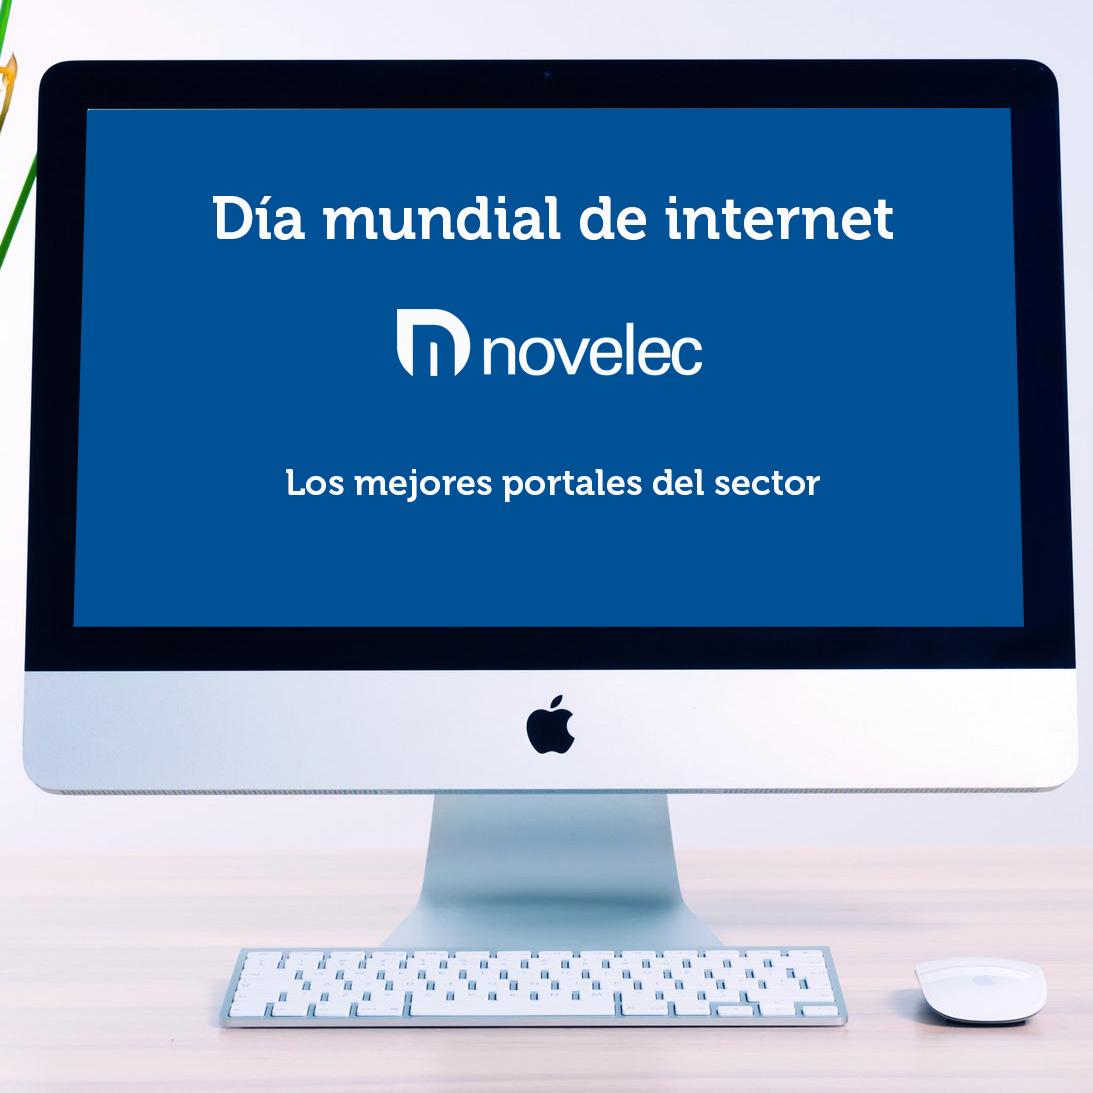 dia mundial de internet los mejores portales del sector